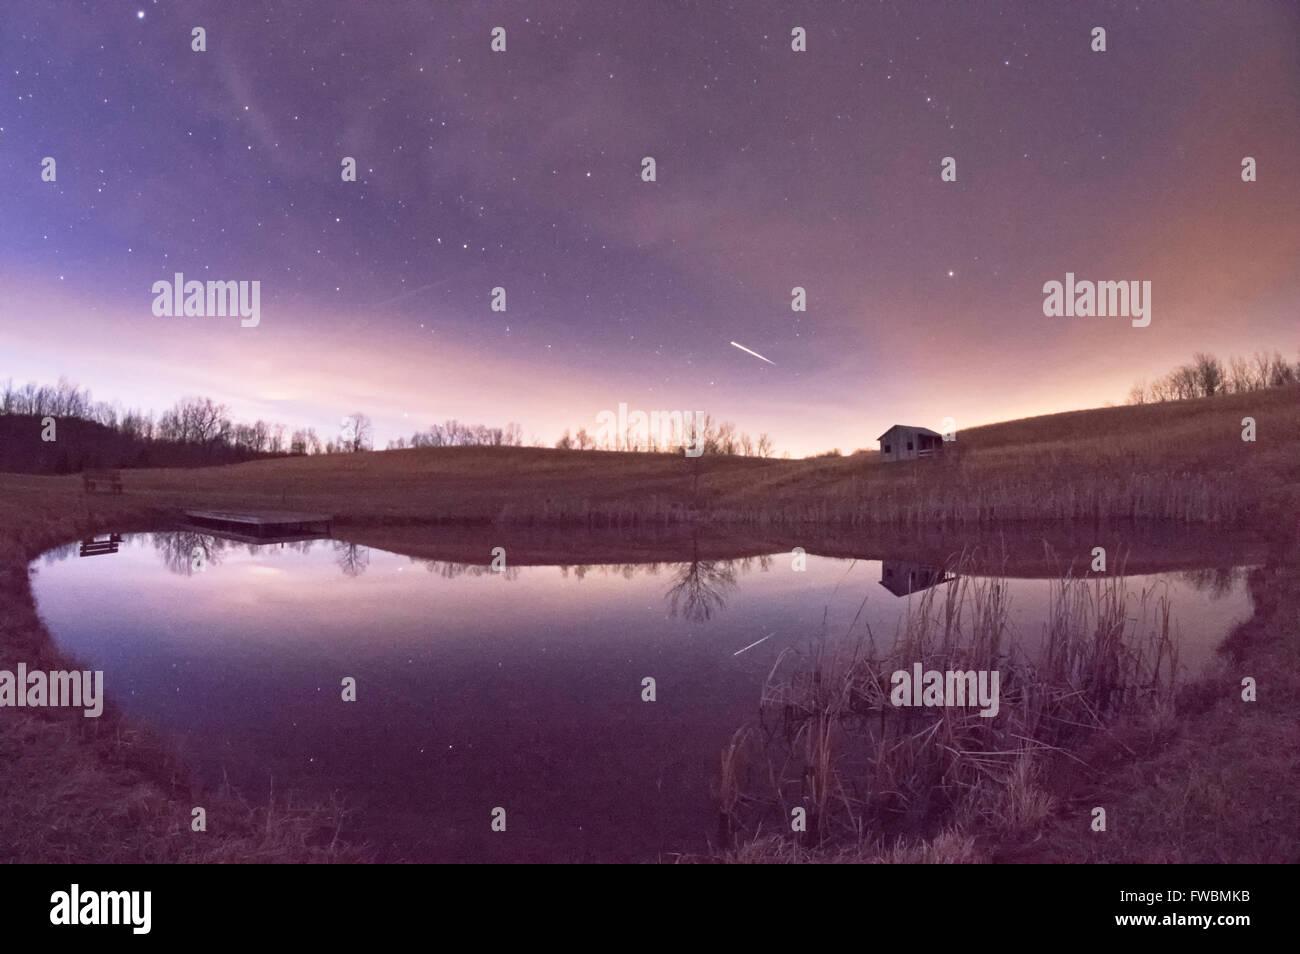 La stazione spaziale internazionale striature nel cielo notturno appena dopo il crepuscolo riflessa da un laghetto. Immagini Stock